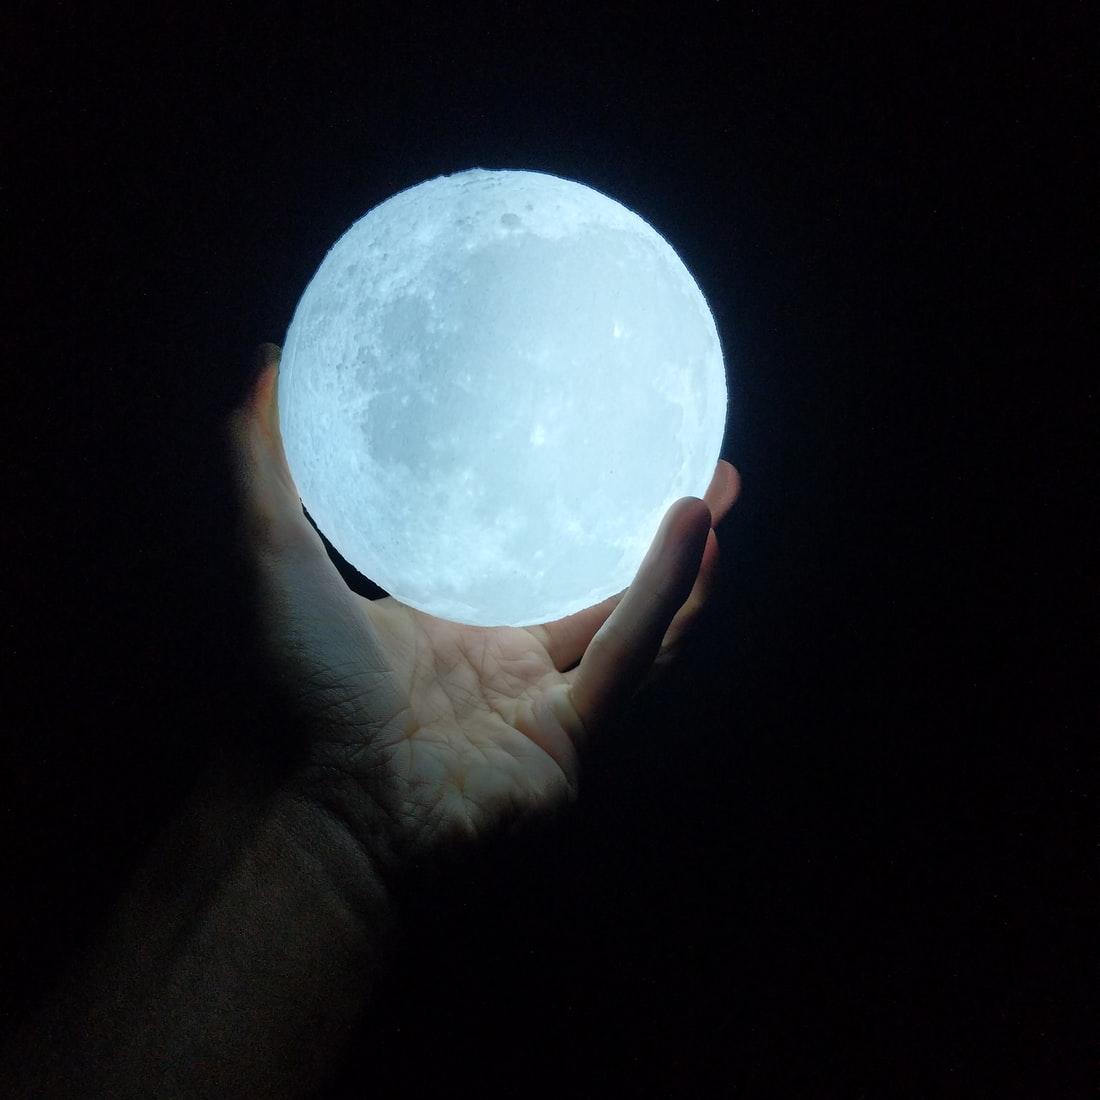 Мне смена луны напоминает, чтовжизни ив бизнесе всёциклично: иногда насыщенно, аиногда пусто  #Тренд #Циклы #Космос pic.twitter.com/YMsMgTgBzE